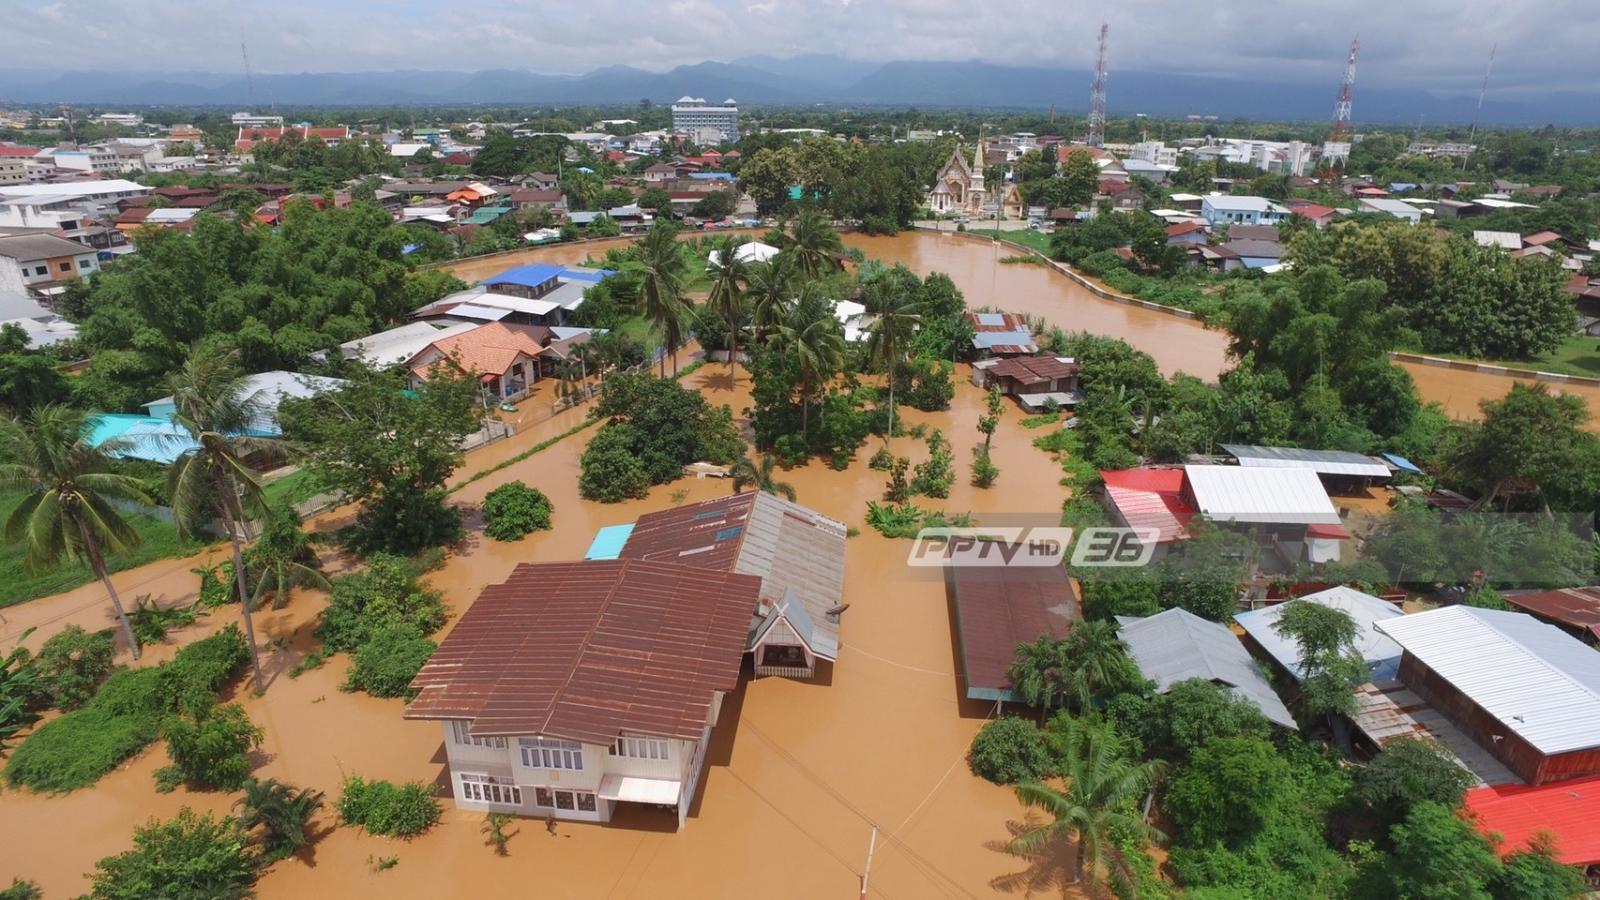 ธปท.ประเมินน้ำท่วมอีสานเสียหายหมื่นล้าน